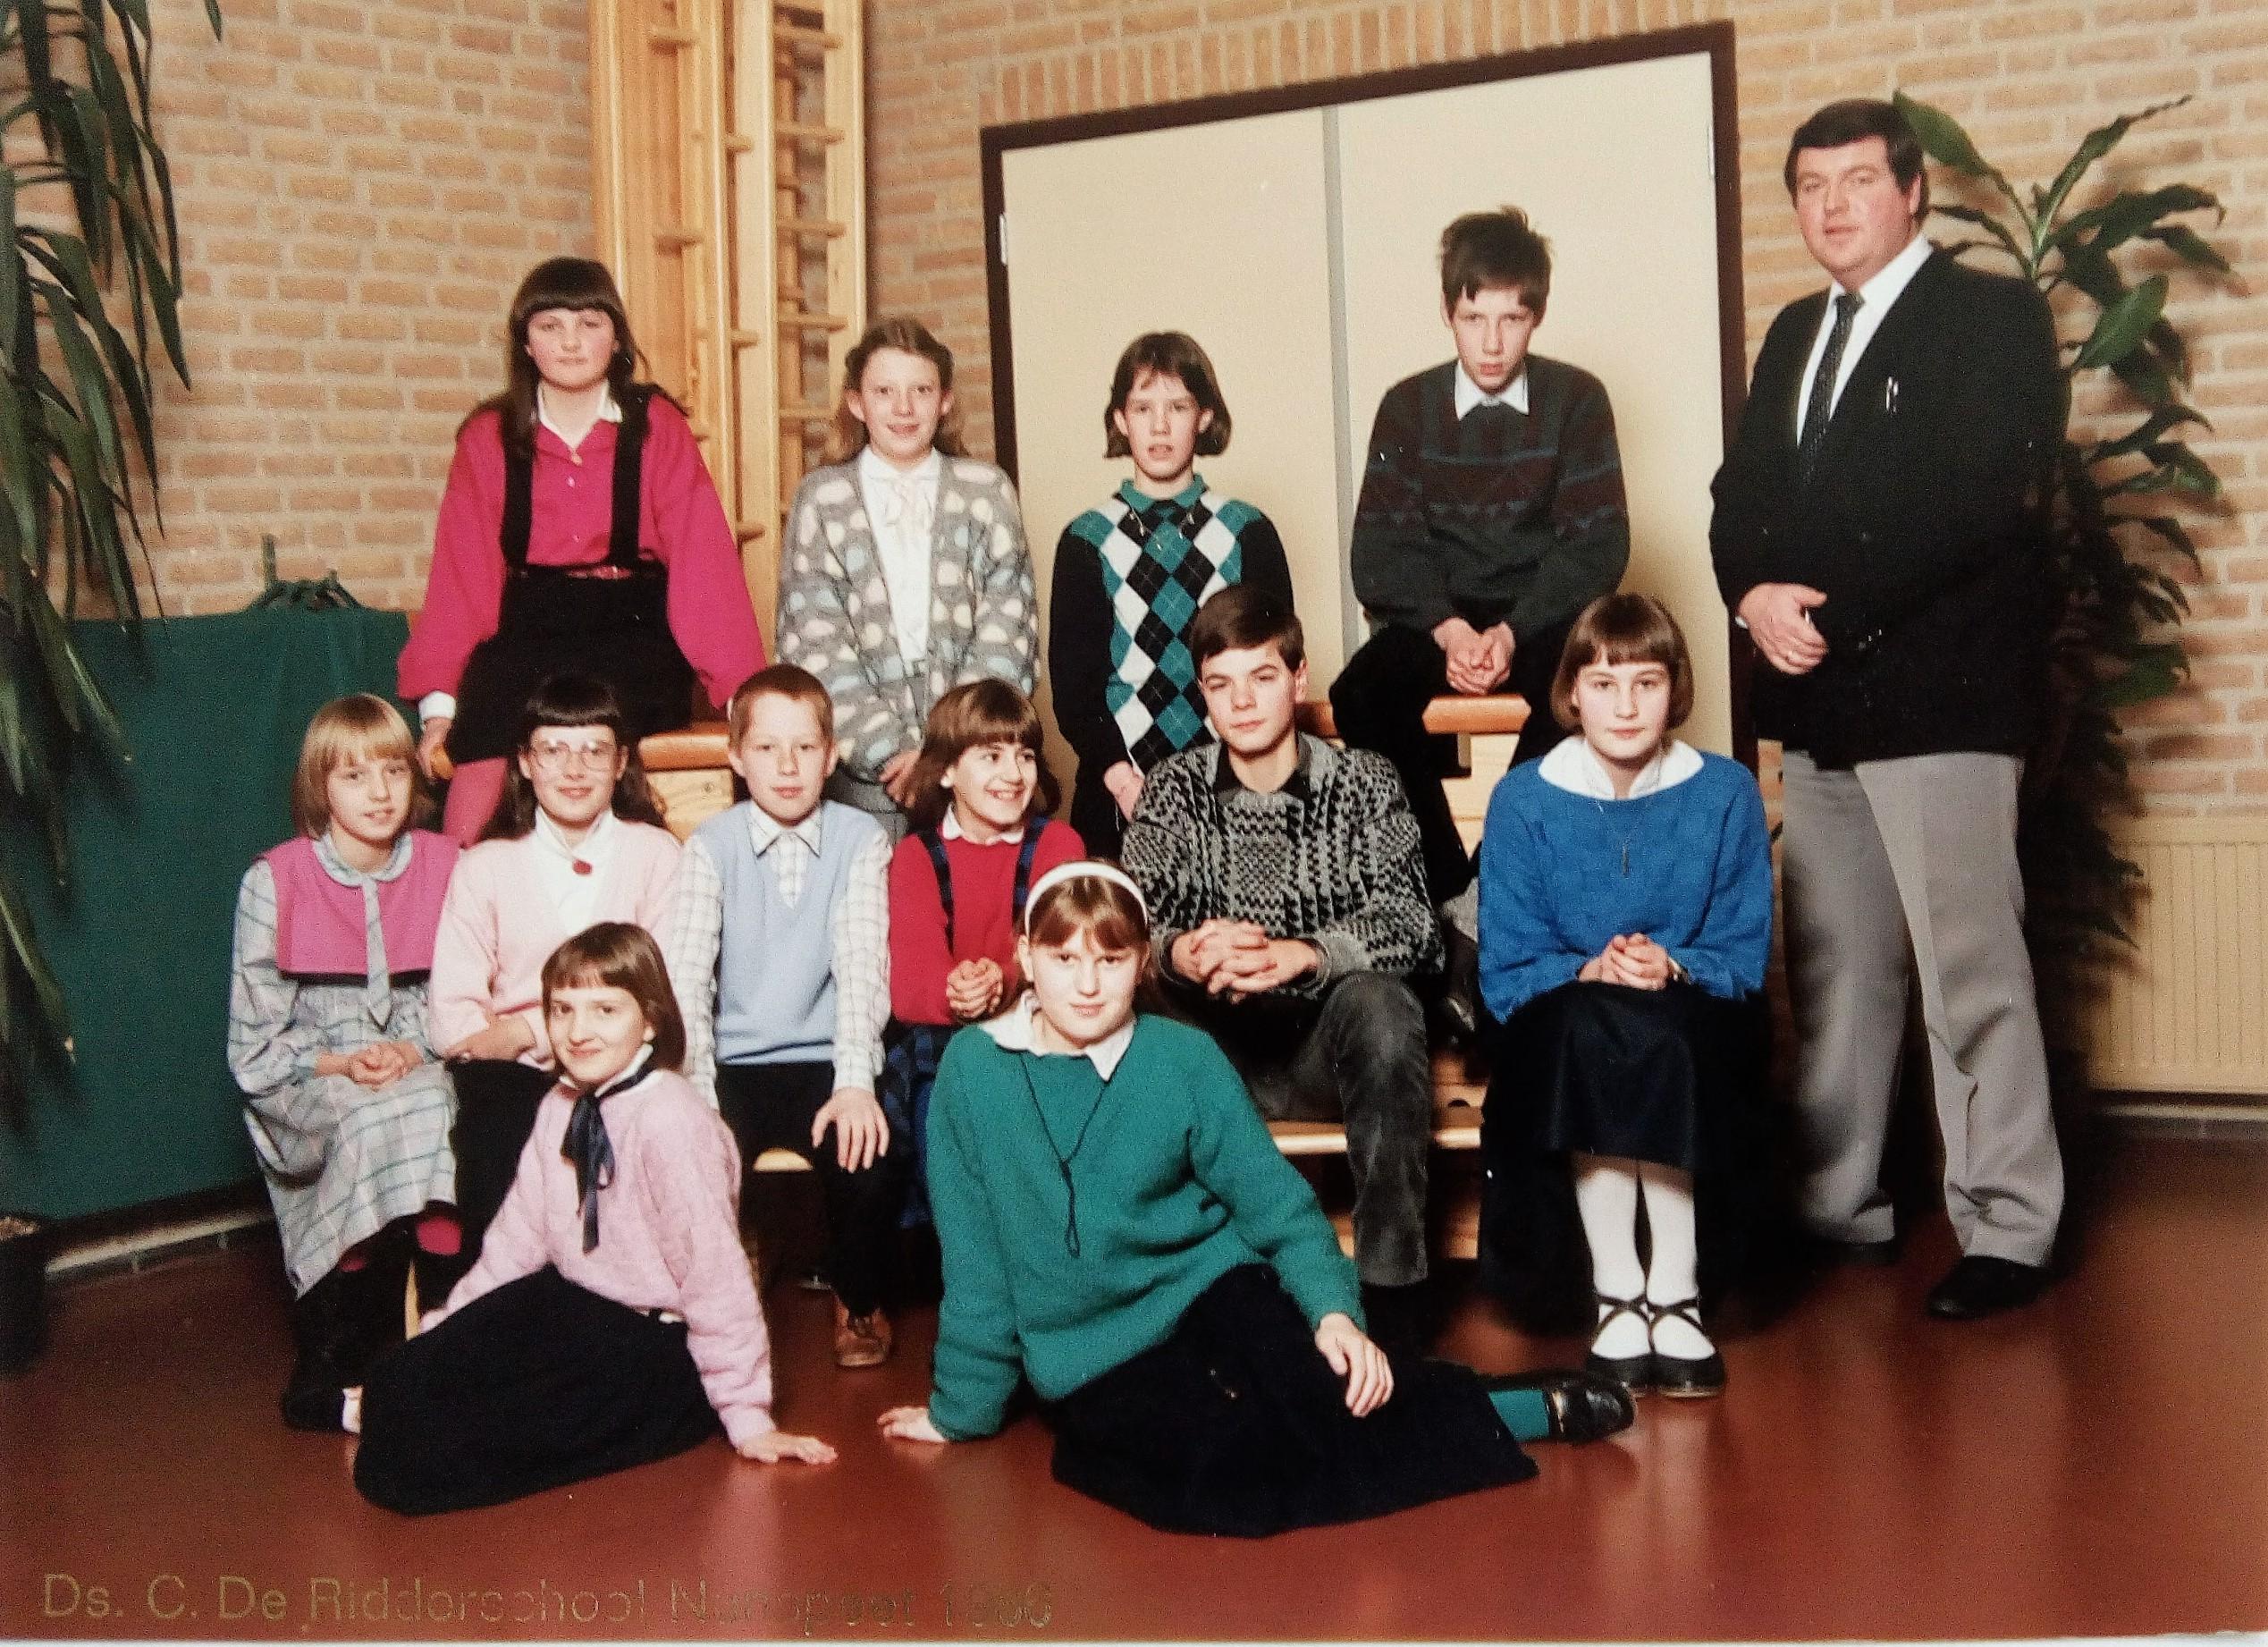 Ds C De Ridderschool foto